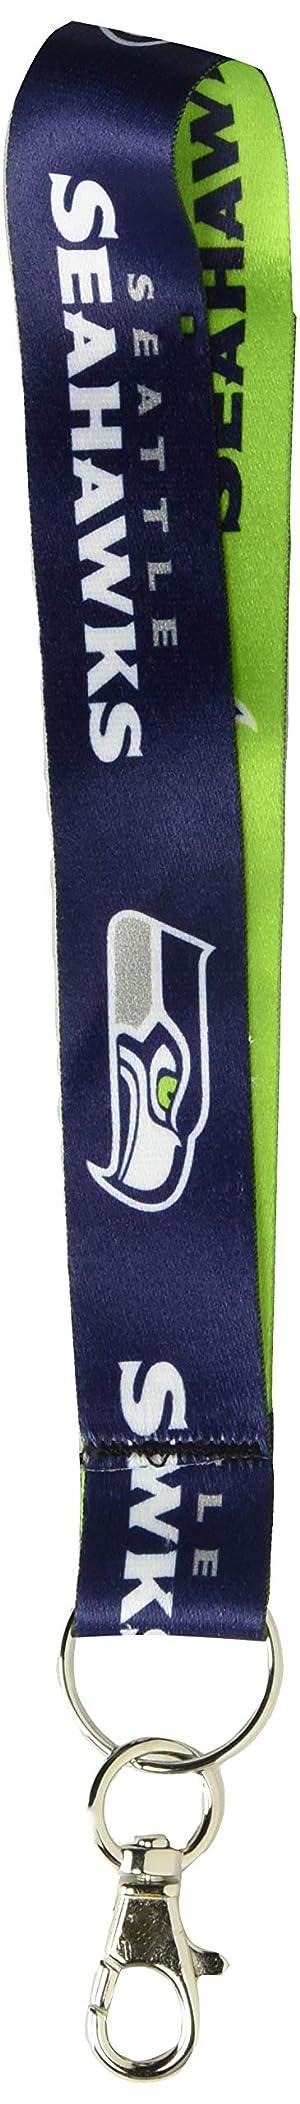 Wincraft Nfl Schlüsselband Seattle Seahawks 2 5 Cm 48097012 Sport Freizeit